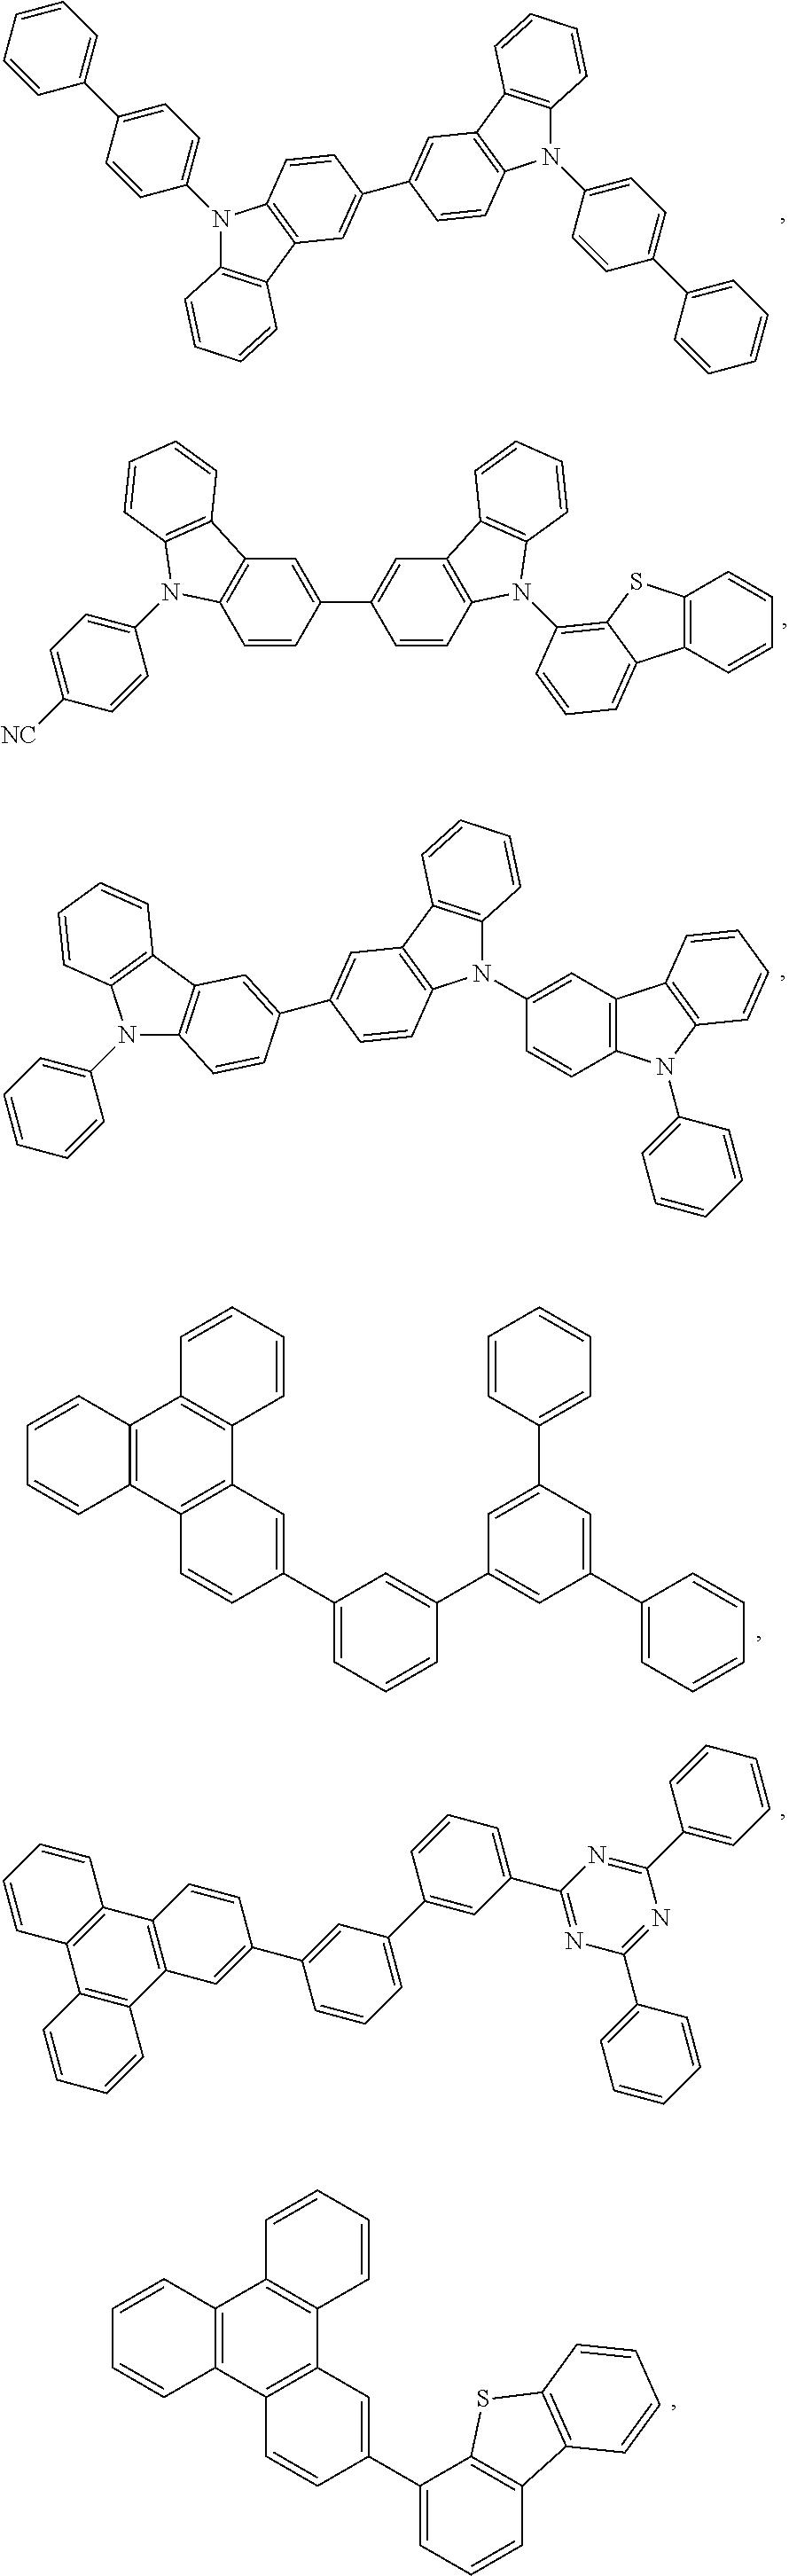 Figure US20180076393A1-20180315-C00181